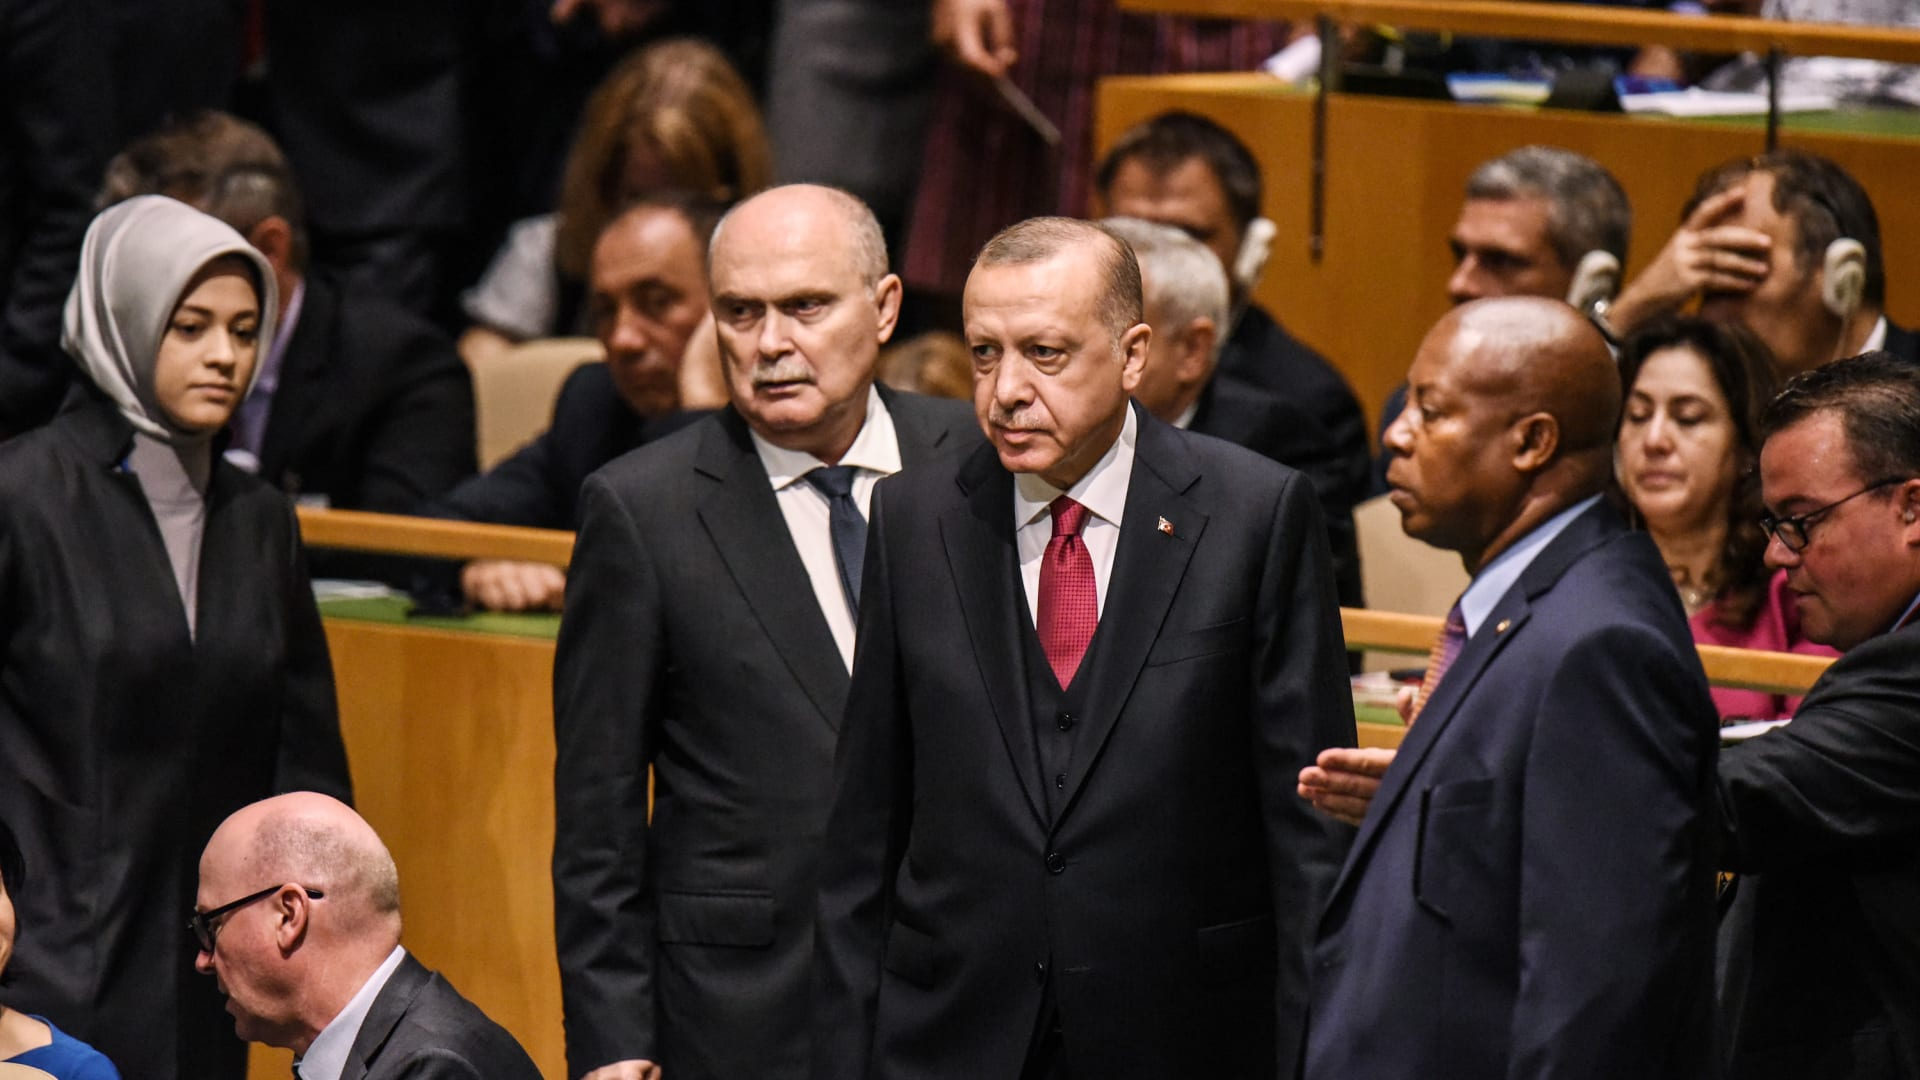 بالفيديو.. تعرف على الرئيس التركي رجب طيب أردوغان